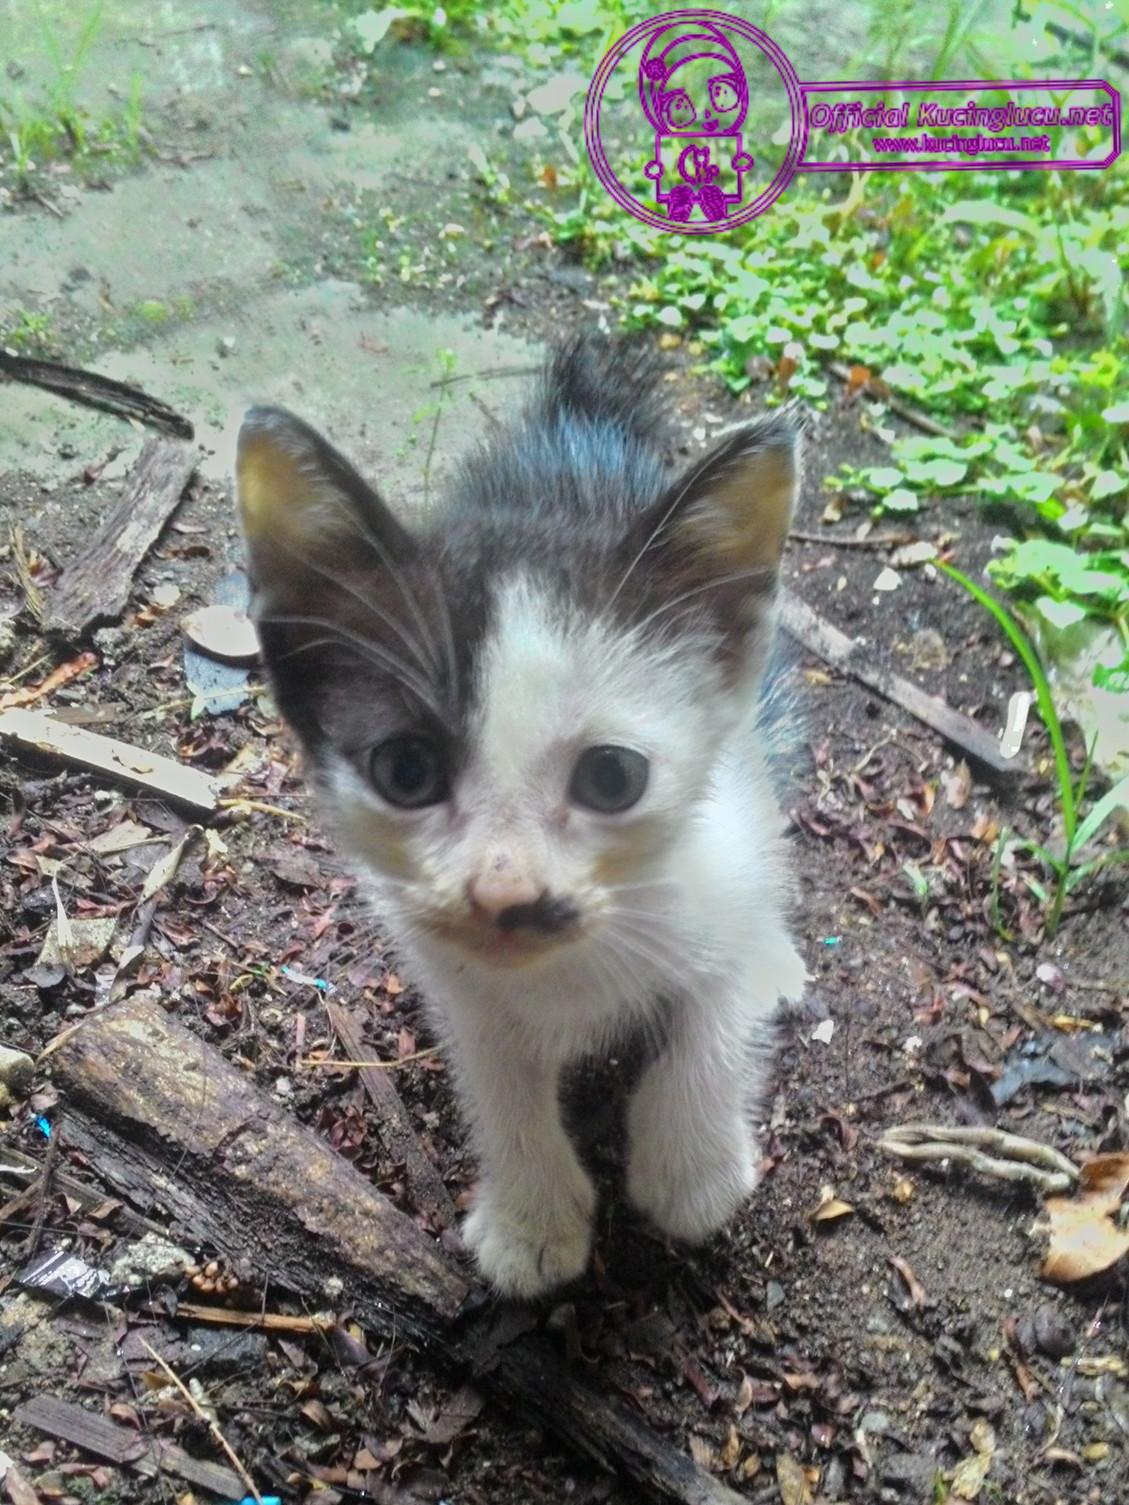 p 20160419 165443 hdr picsay - Enam Kondisi Halaman Rumah Berikut Dapat Membahayakan Nyawa Kucing Kesayangan